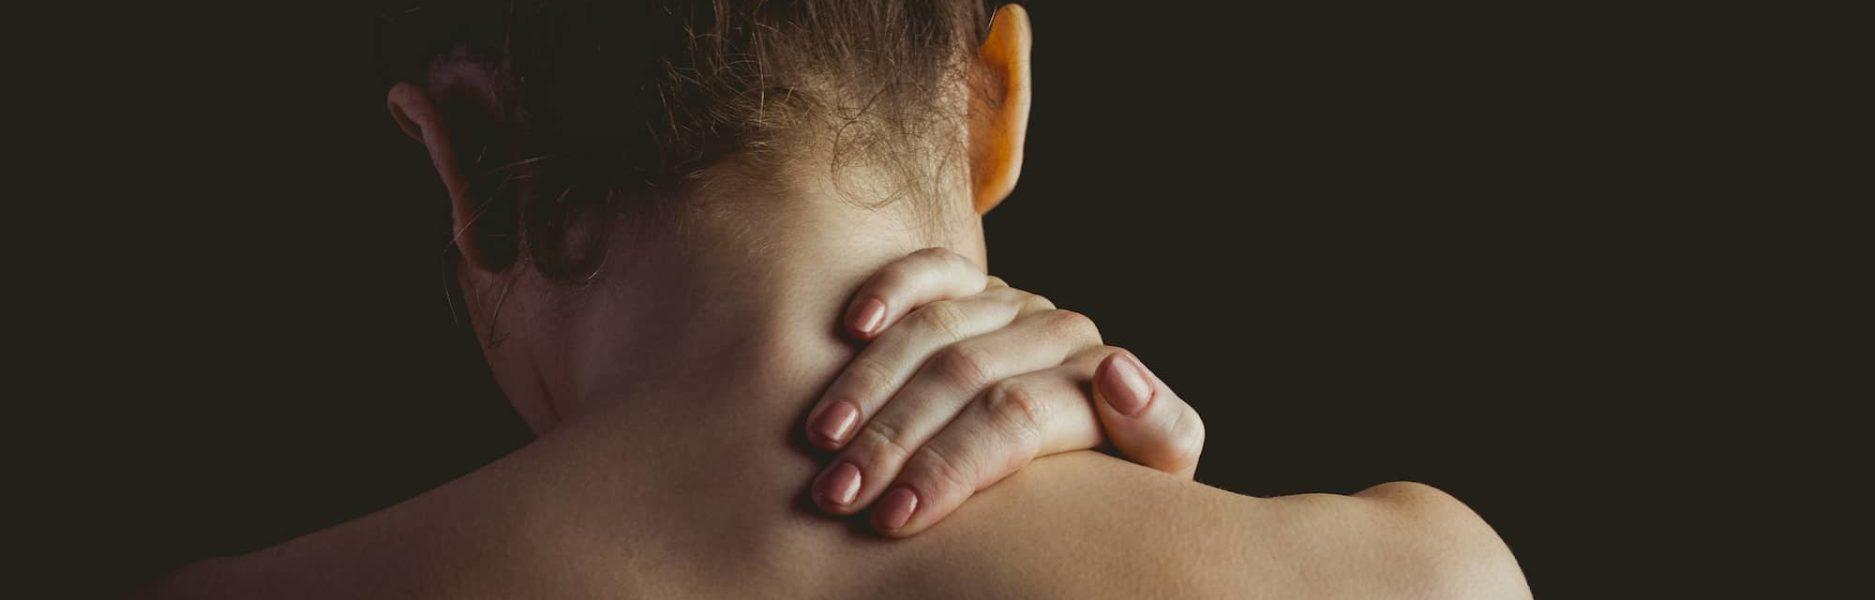 Spinal Injury – Whiplash